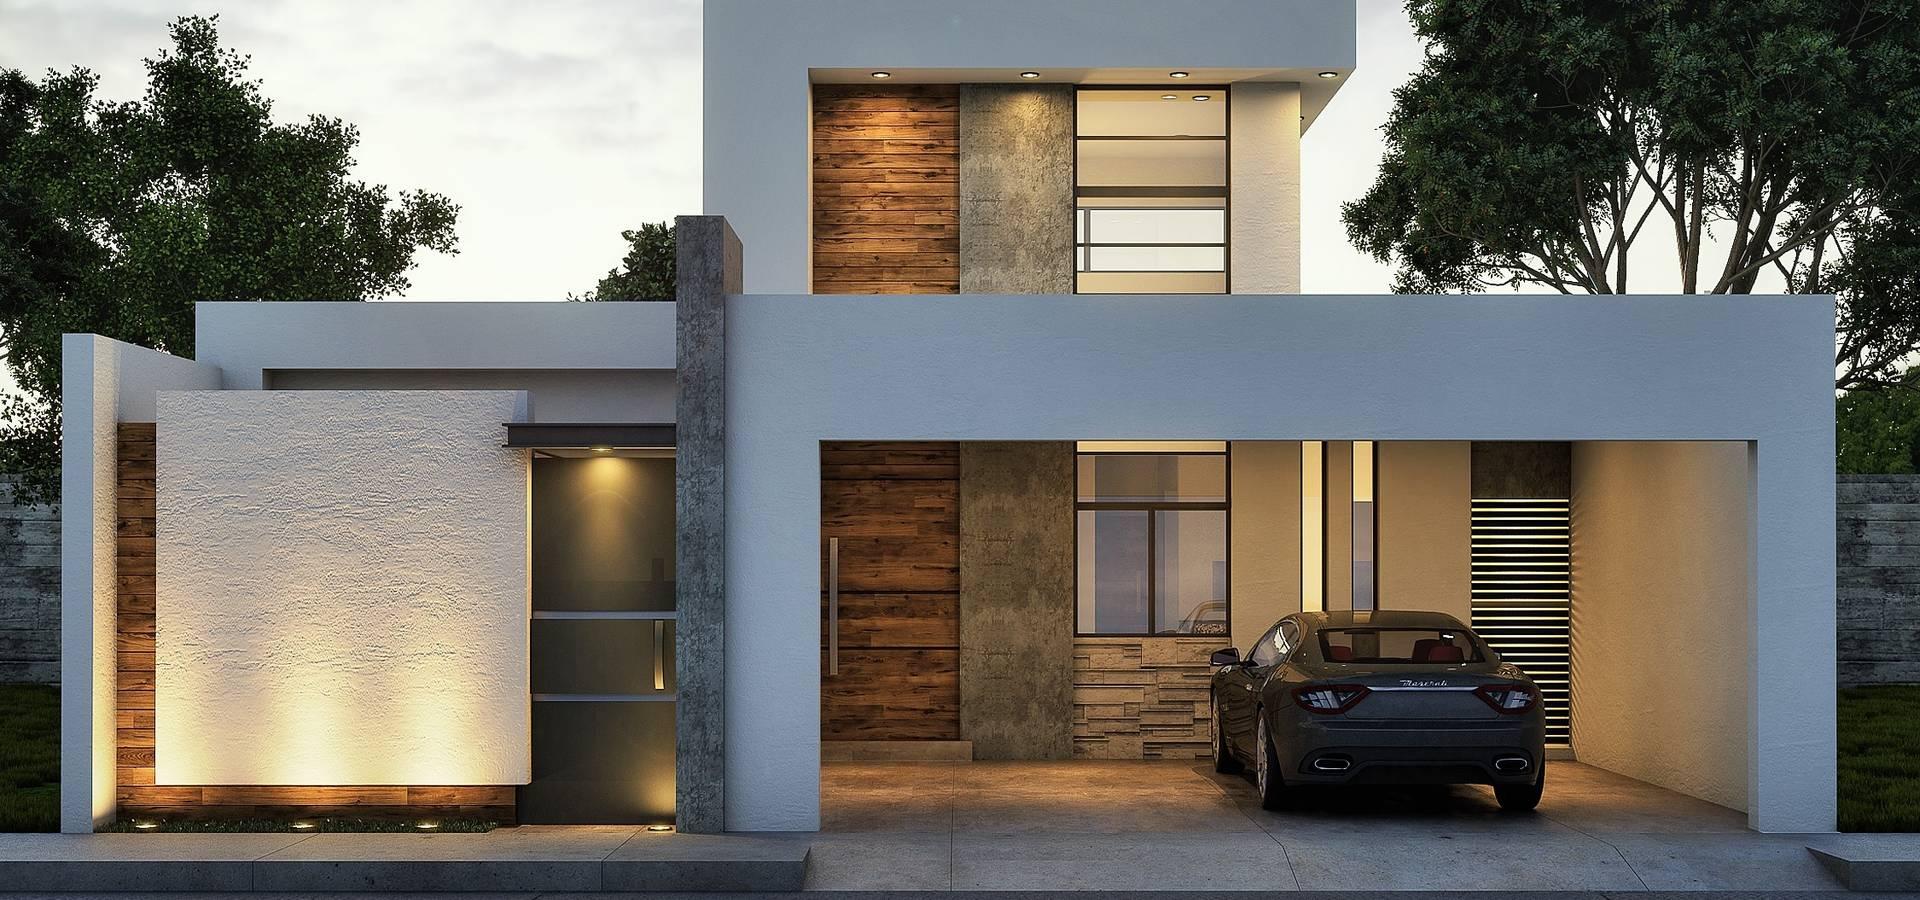 Alan Rangel Arquitecto